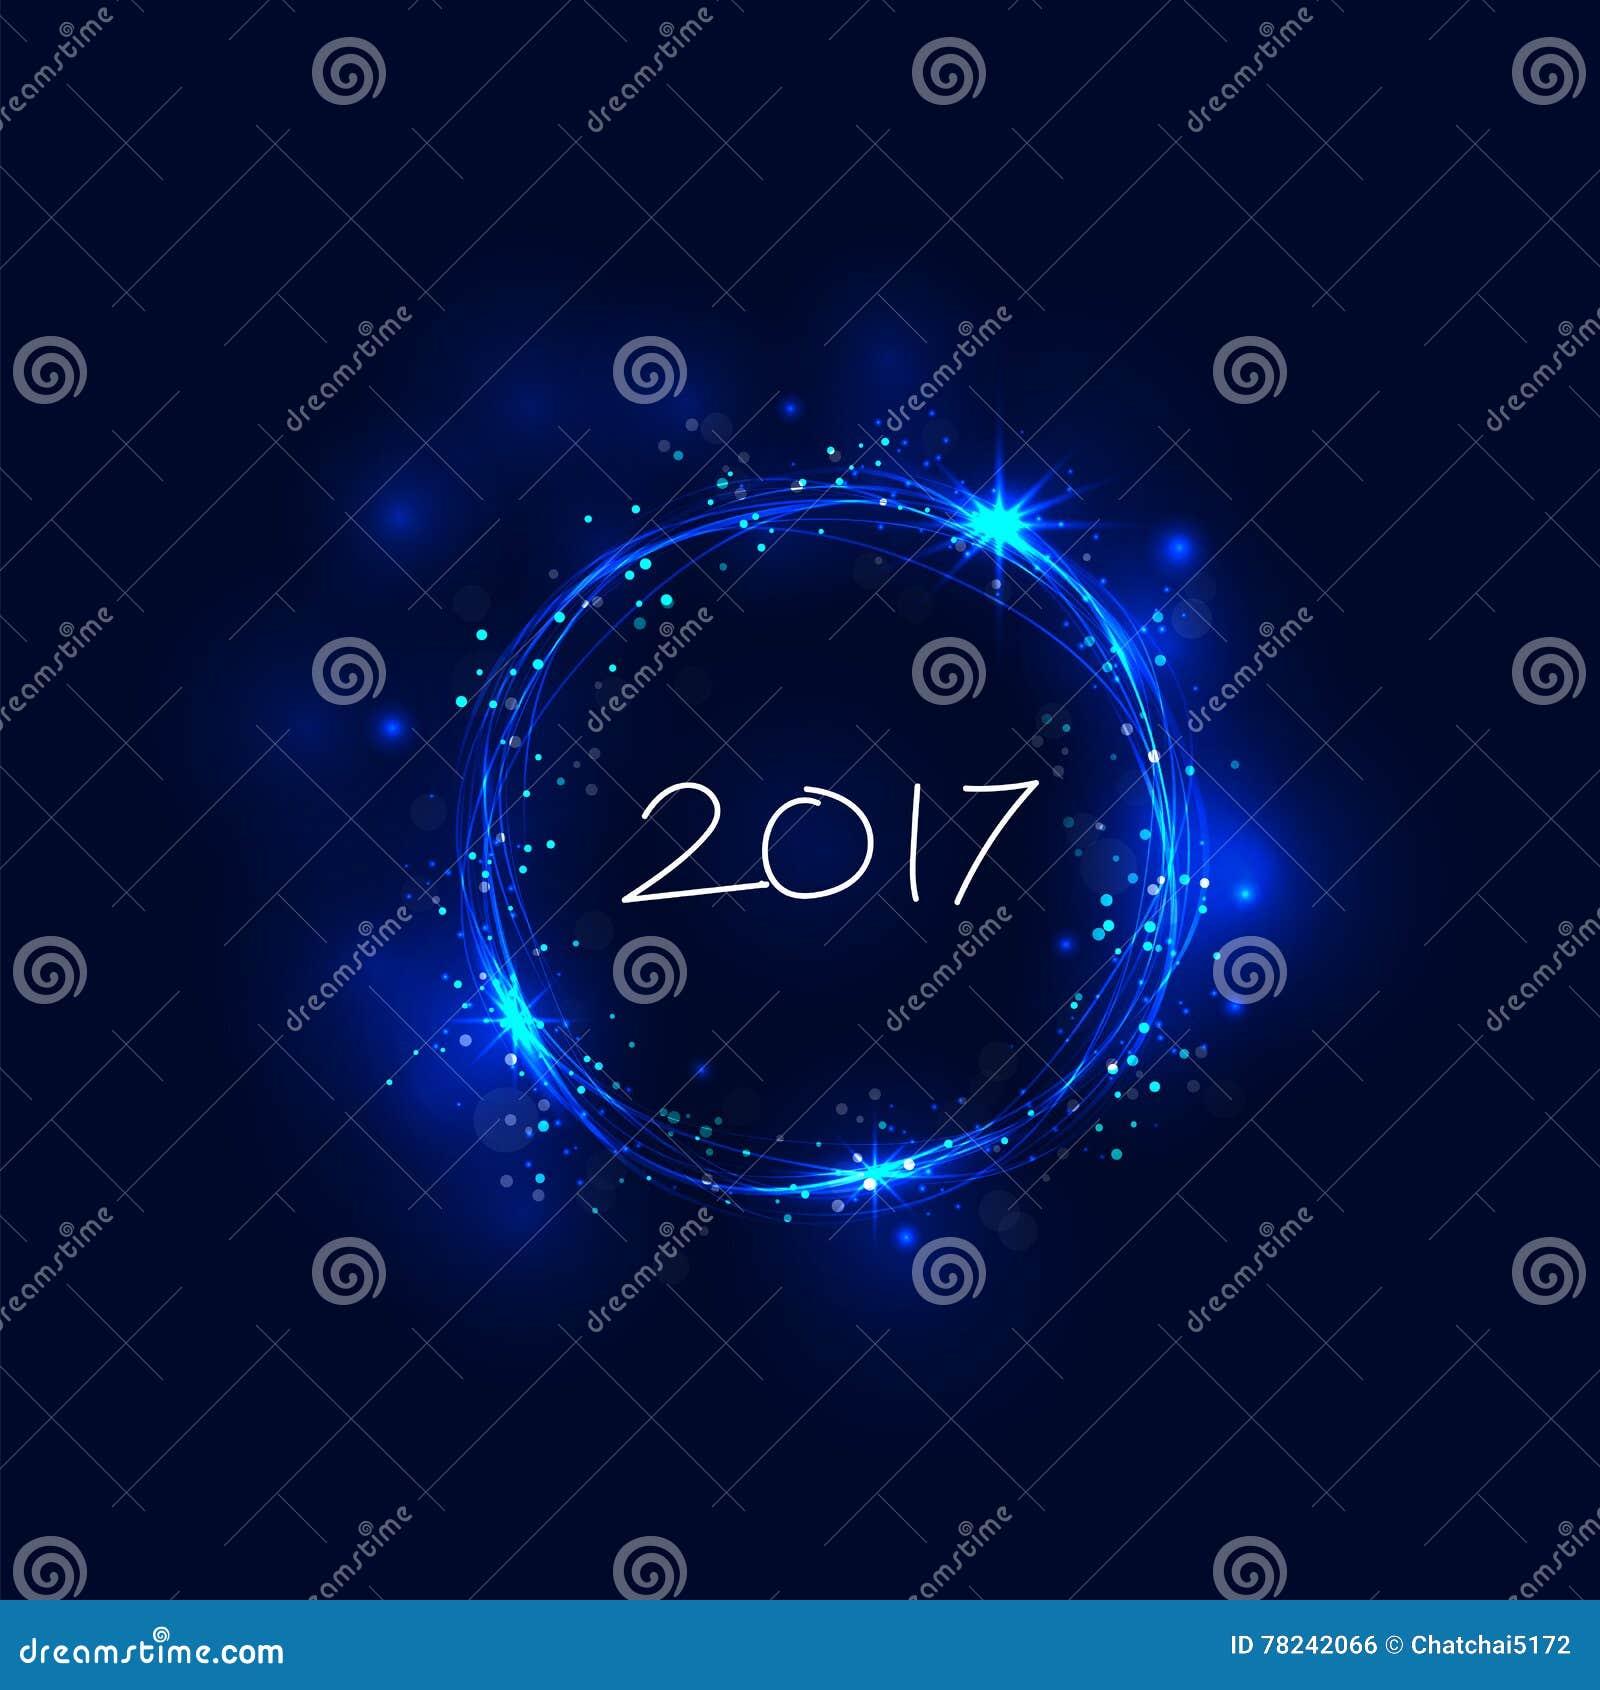 guten rutsch ins neue jahr 2017 feiertags hintergrund 2017 guten rutsch ins neue jahr vektor. Black Bedroom Furniture Sets. Home Design Ideas